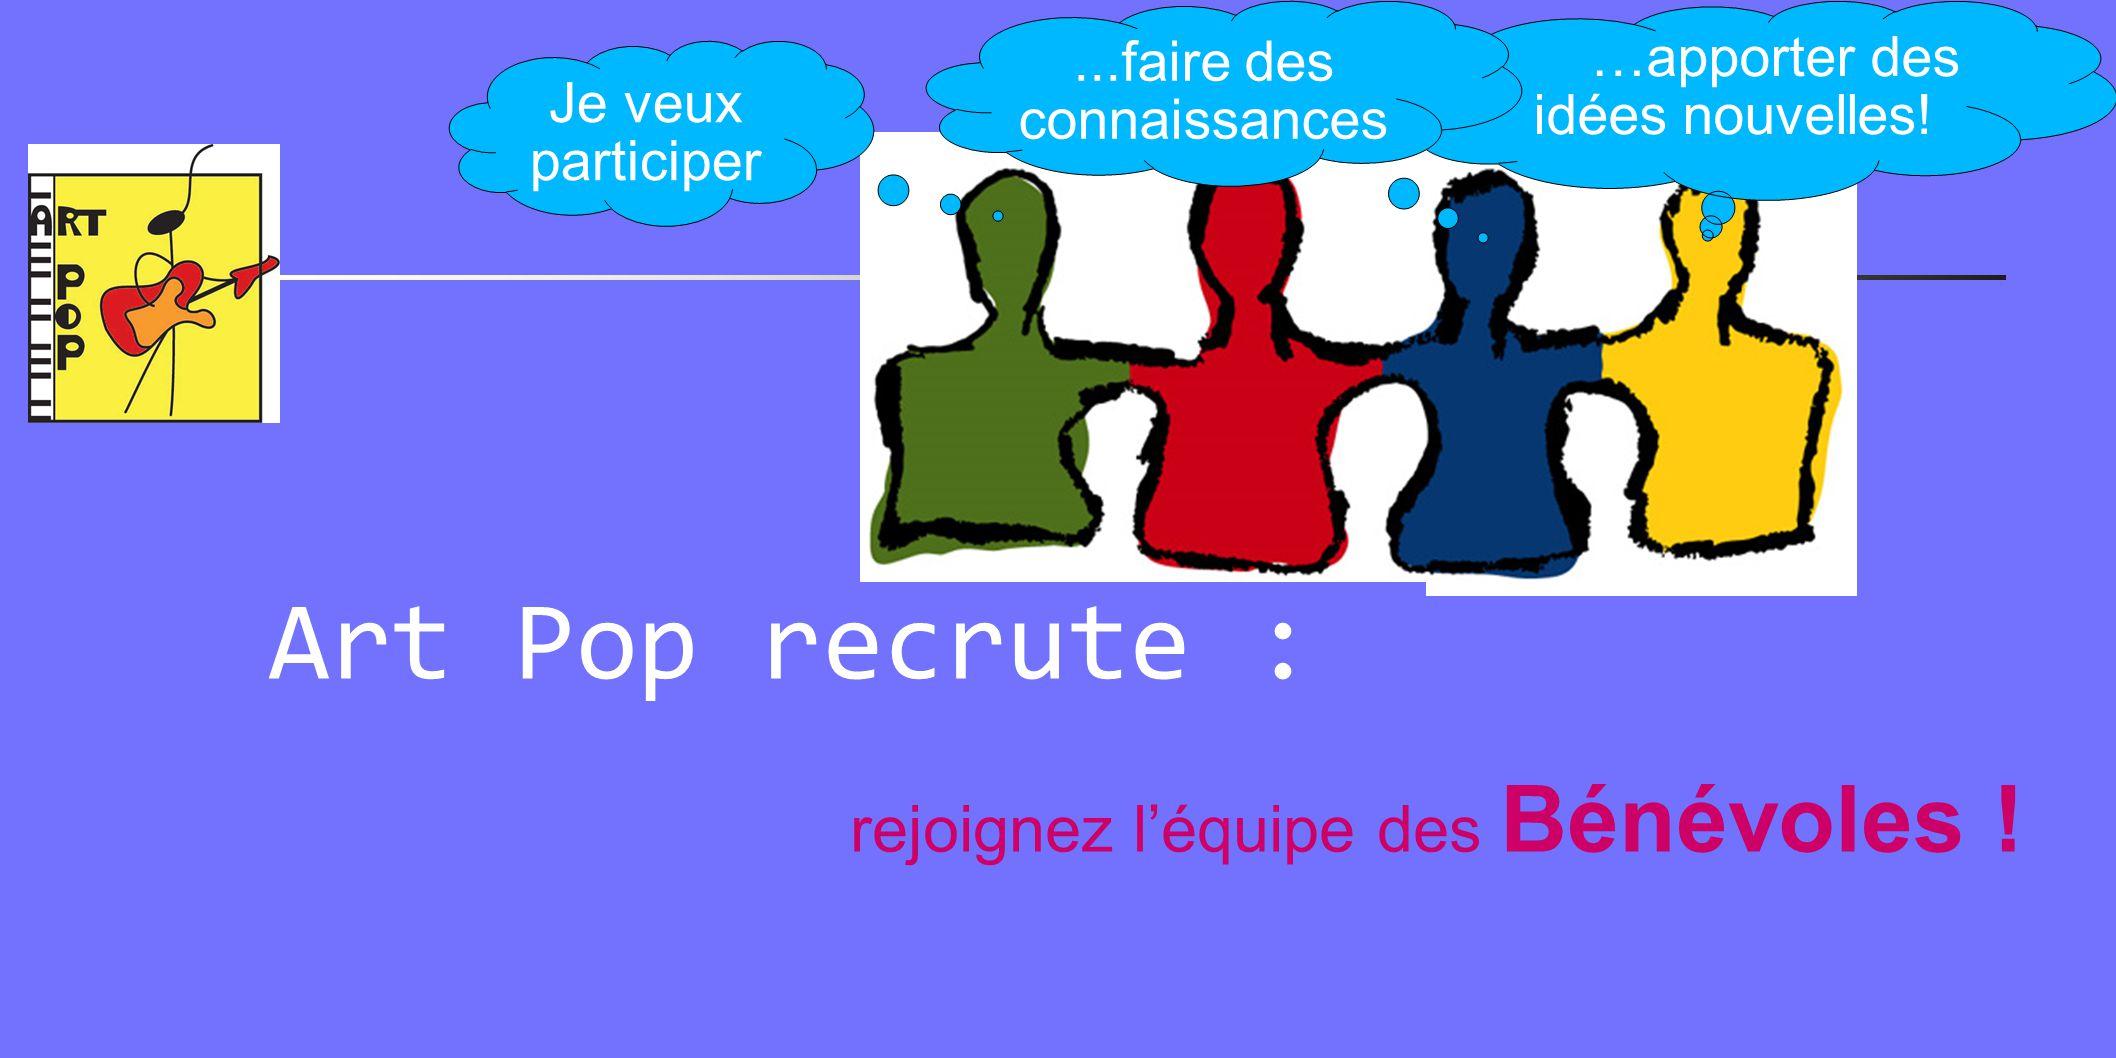 Art Pop recrute : rejoignez l'équipe des Bénévoles ! …apporter des idées nouvelles! Je veux participer...faire des connaissances